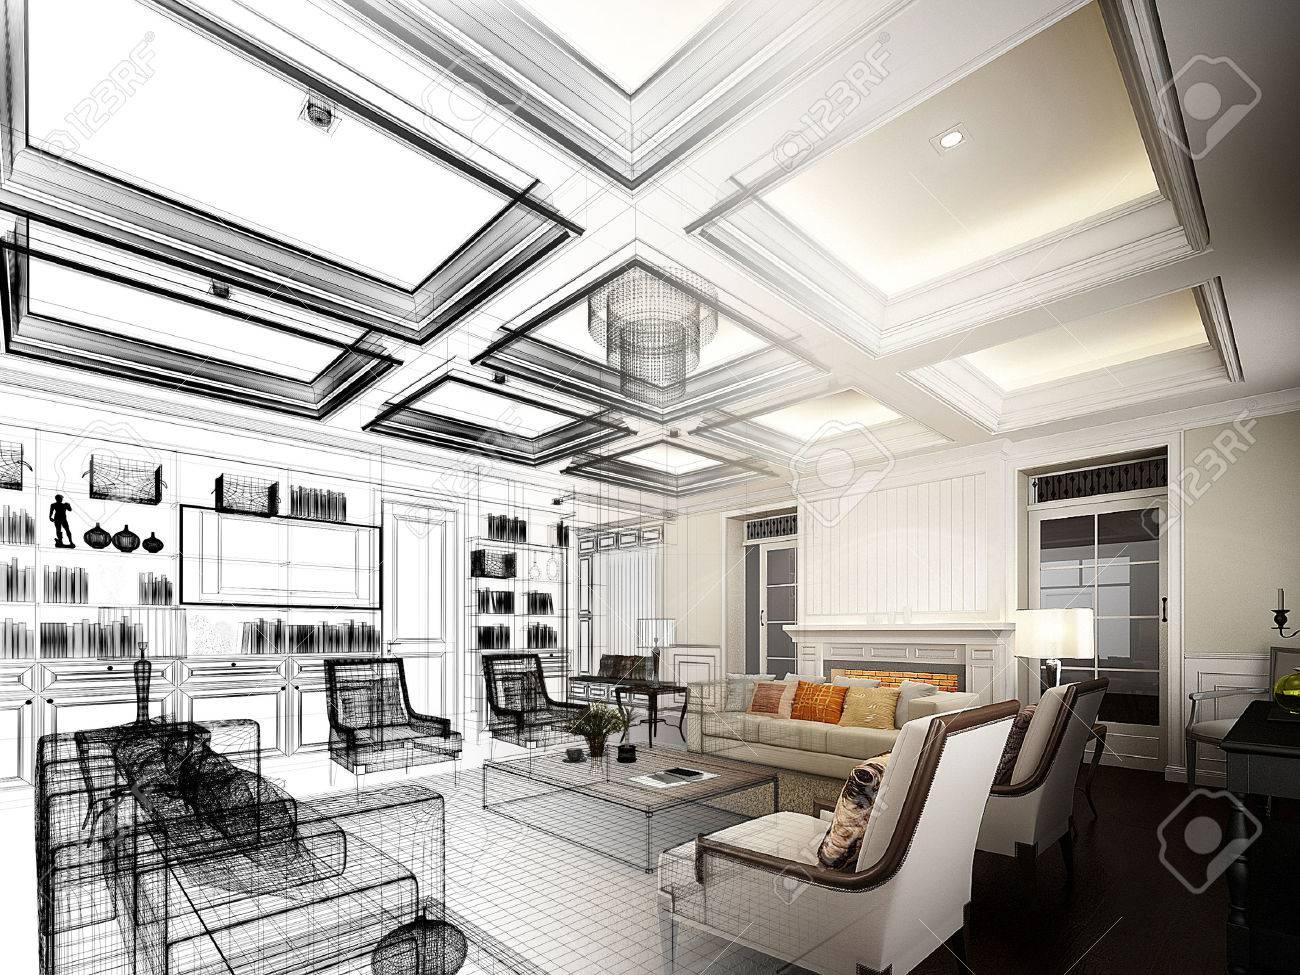 sketch design of living ,3dwire frame render - 37388155